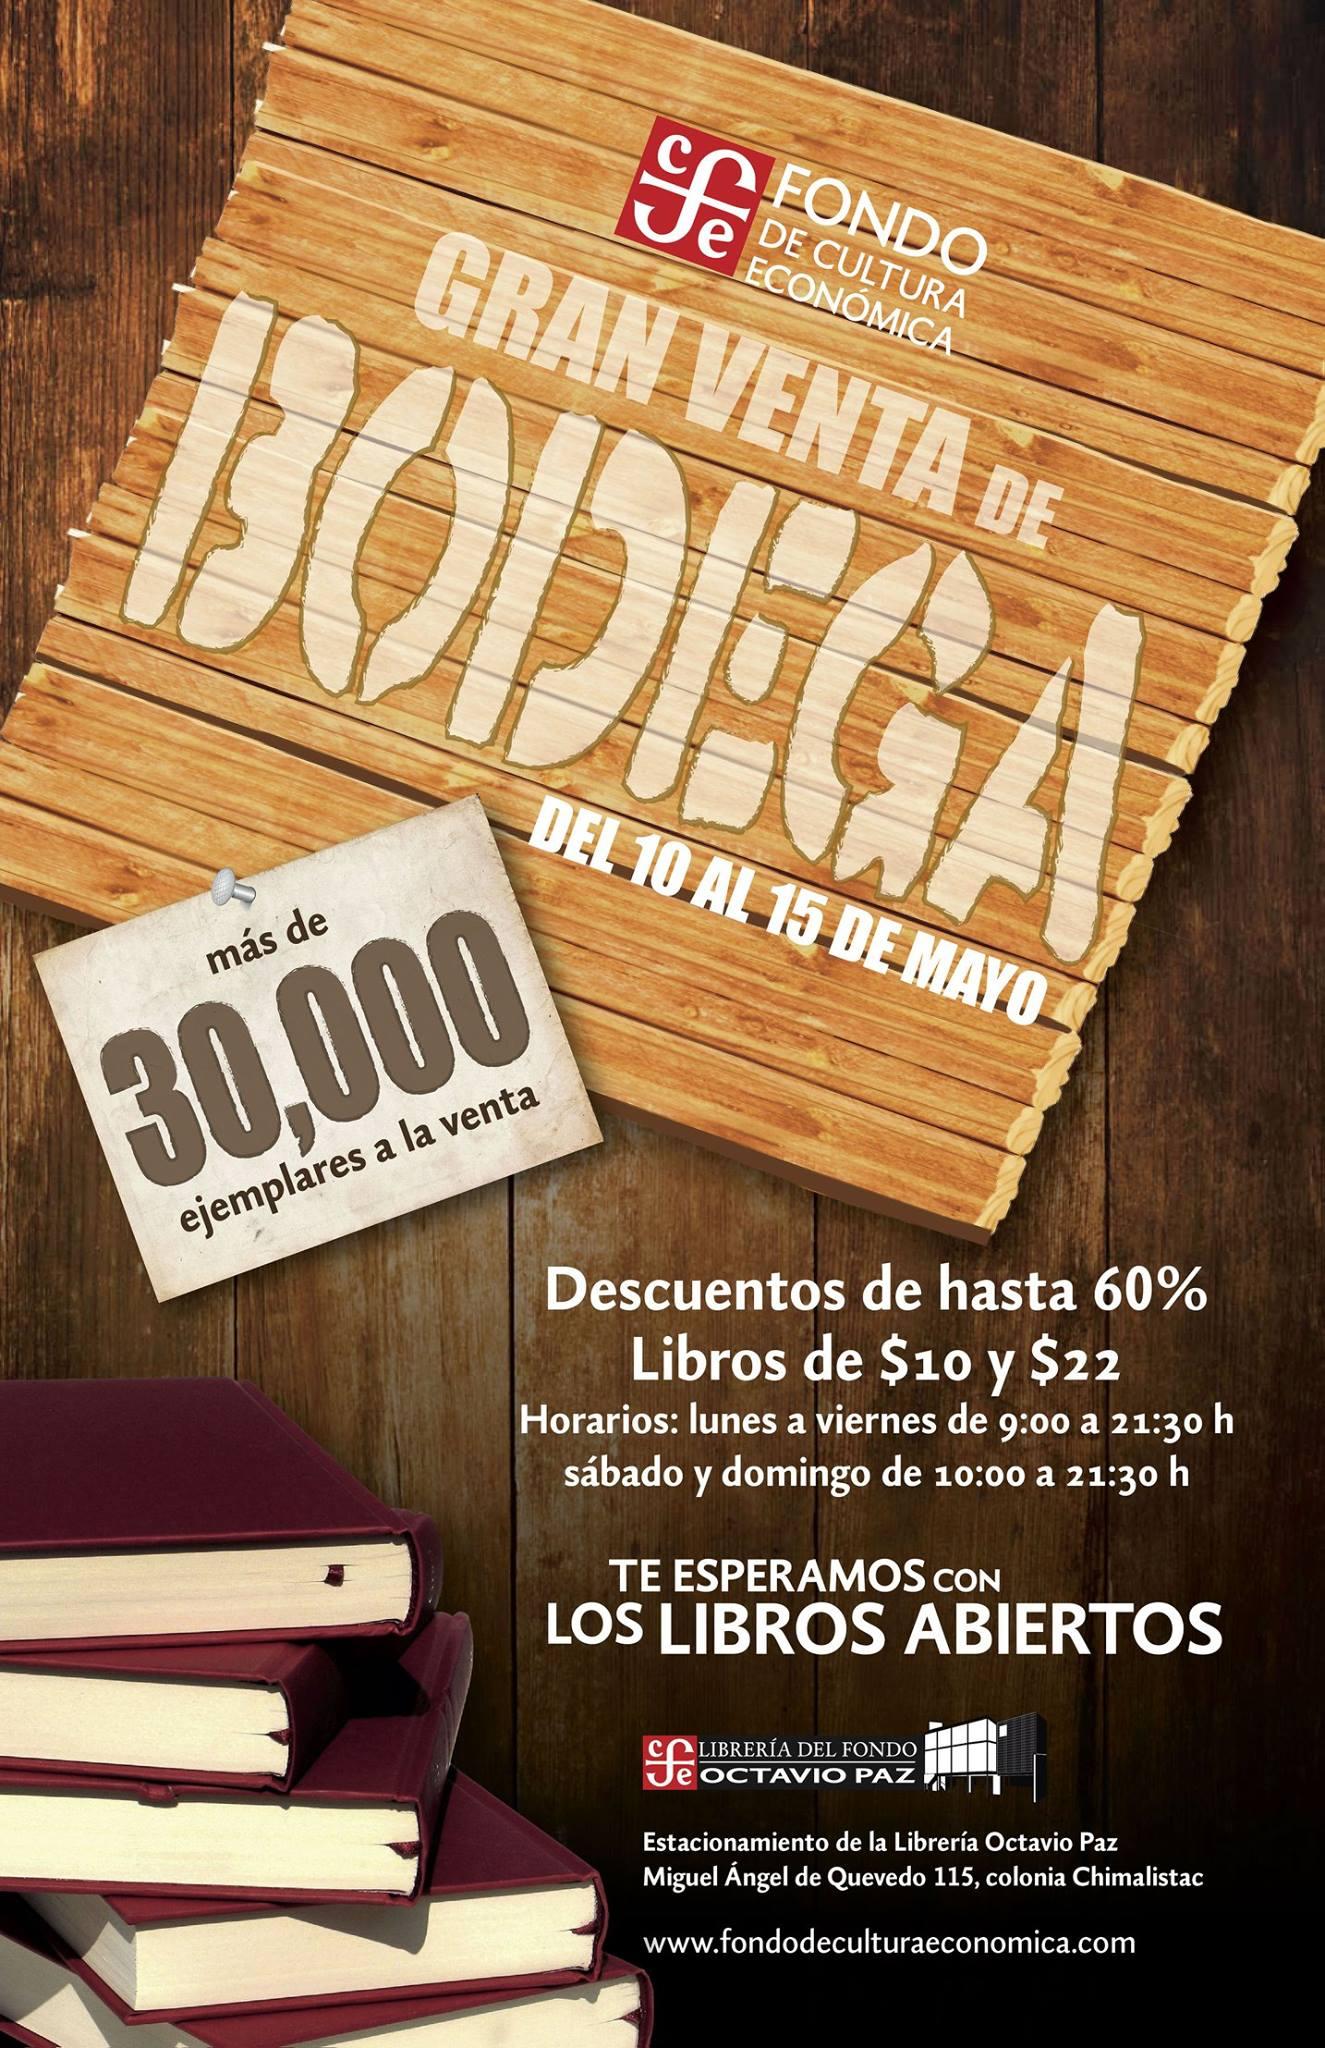 Fondo de Cultura Económica: Gran venta de Bodega, hasta 60% de descuento